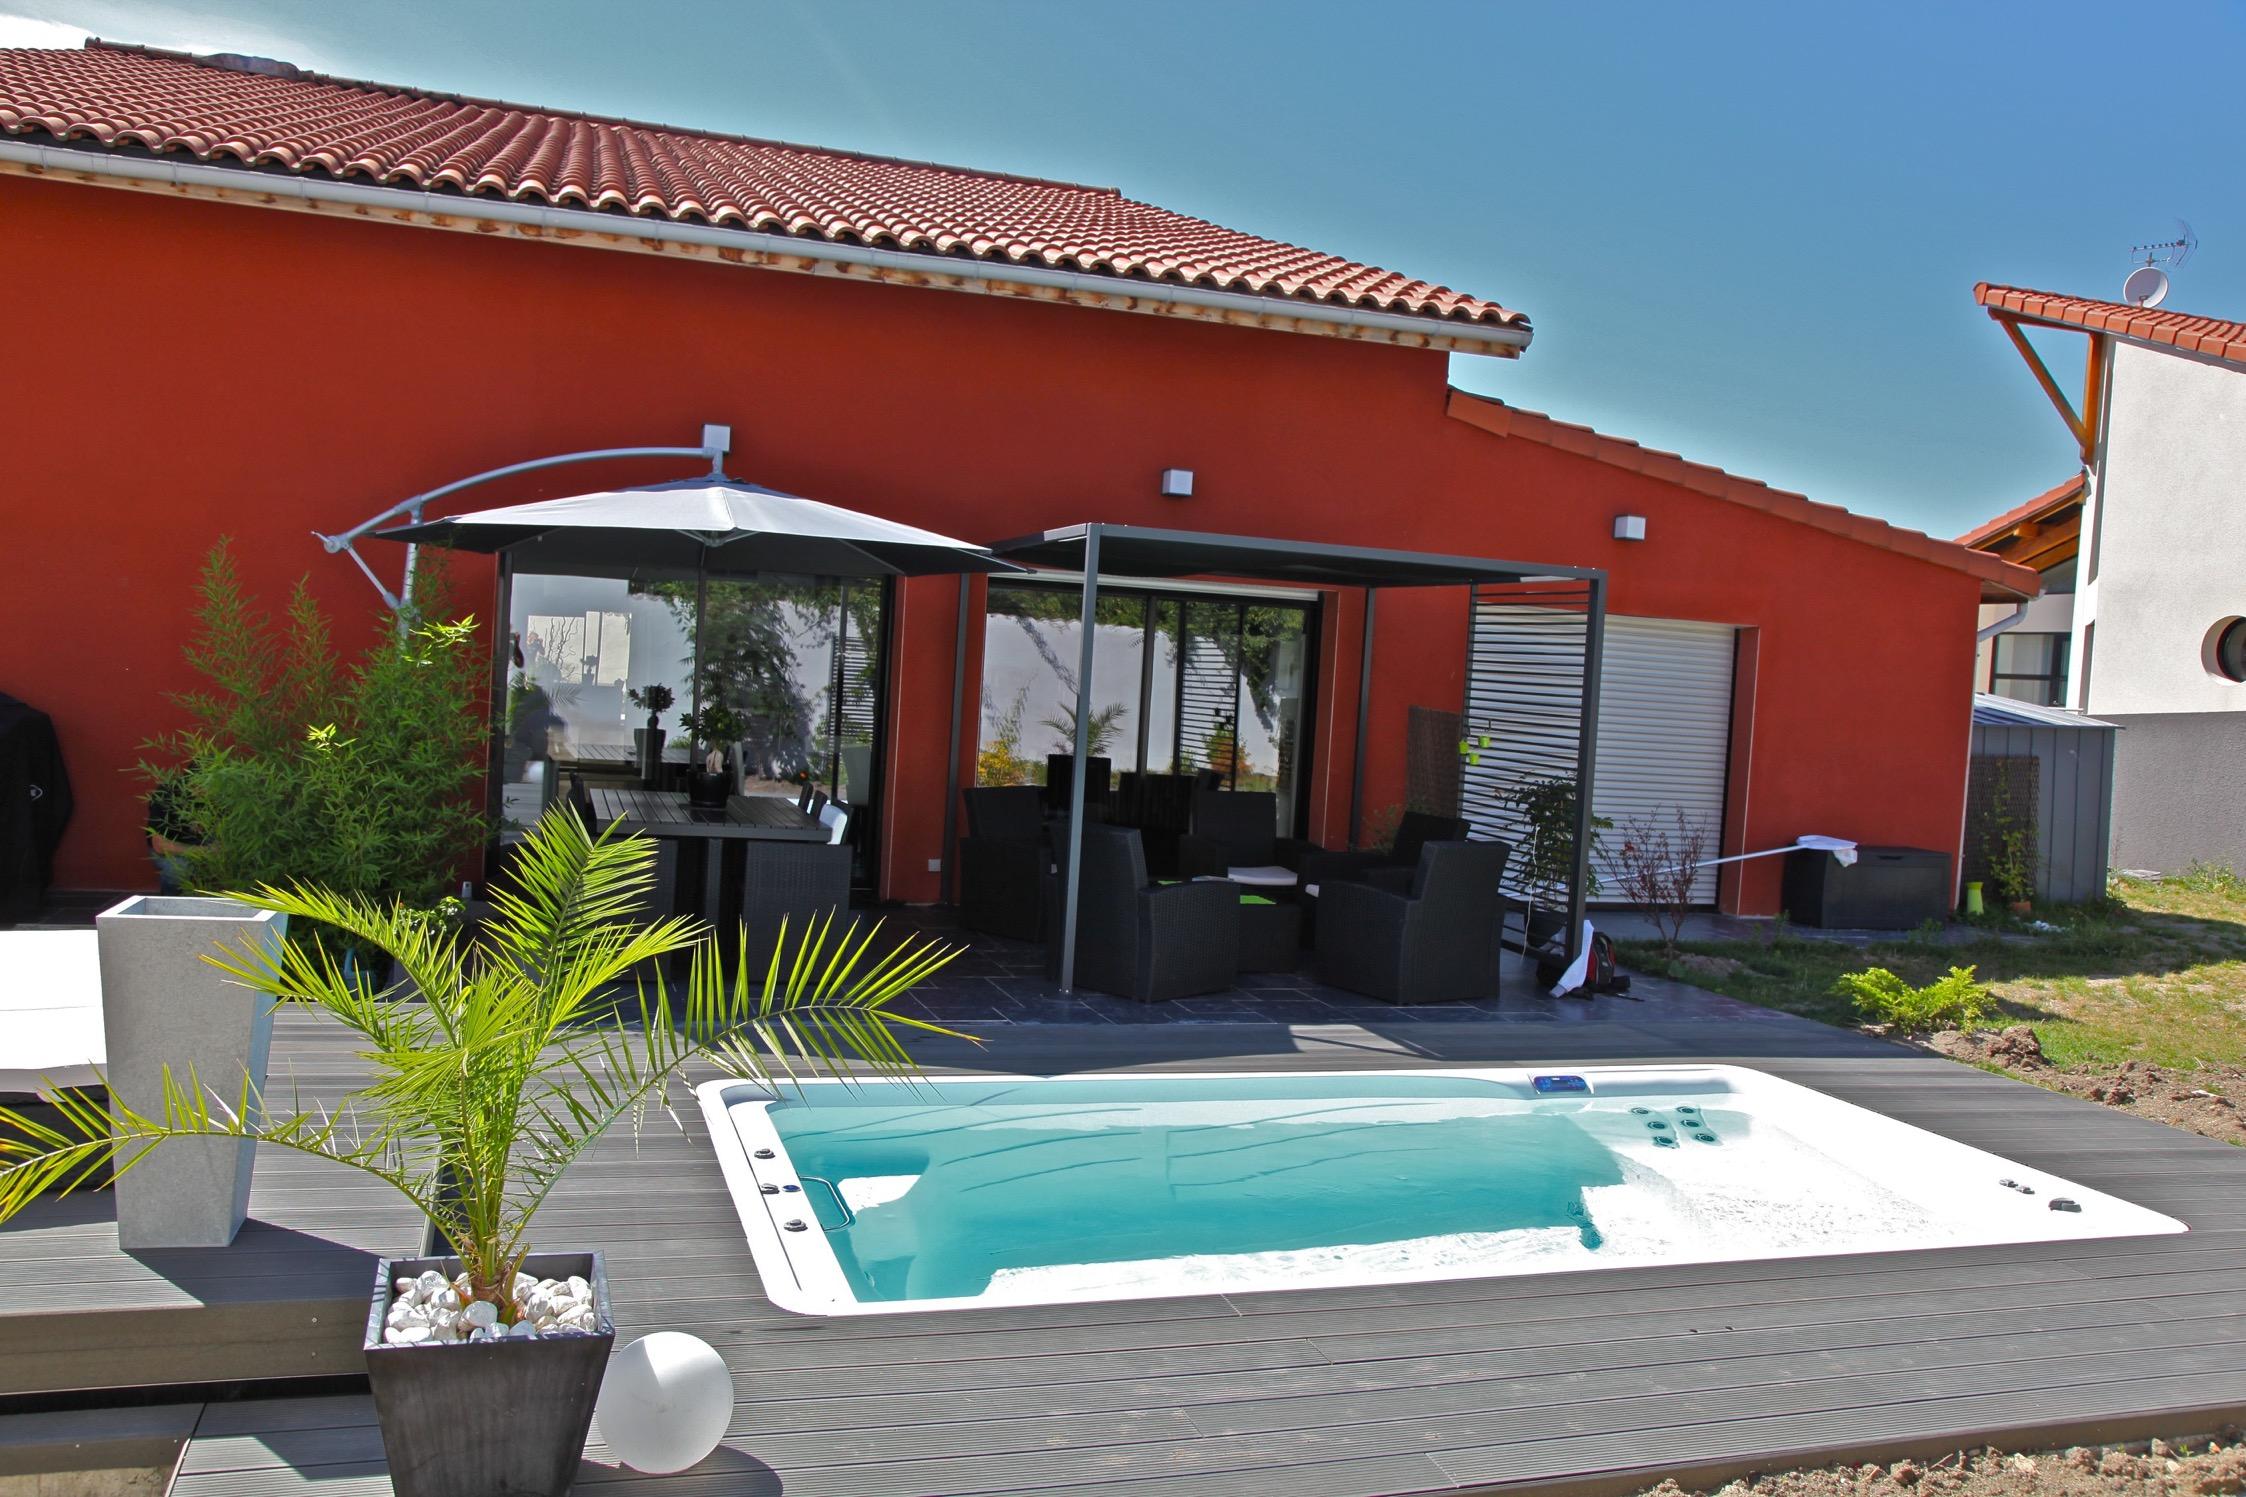 Piscine coque acrylique piscine coque polyester aries x h for Piscine sauna hammam marseille